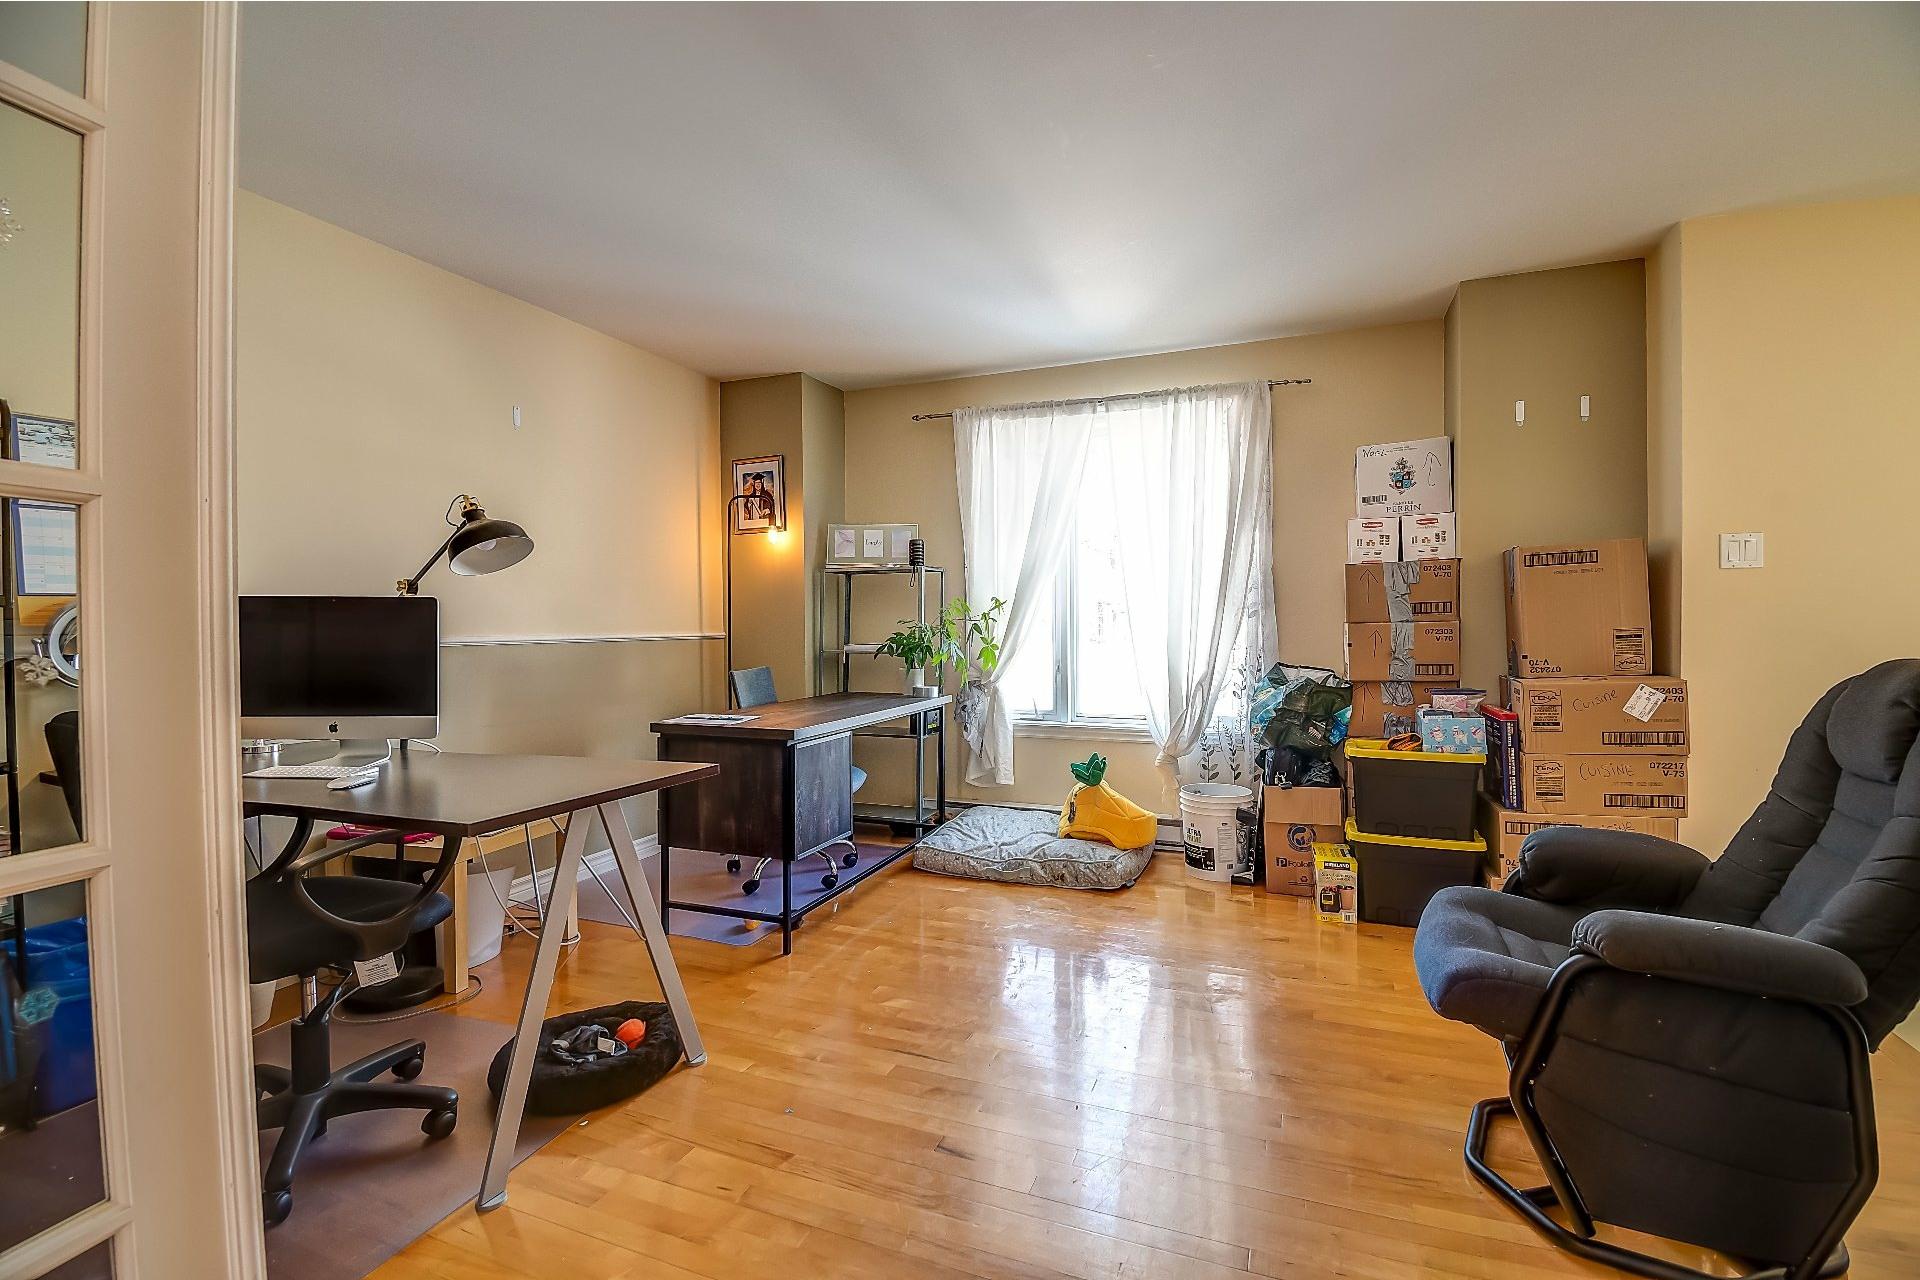 image 10 - Maison À vendre Trois-Rivières - 10 pièces